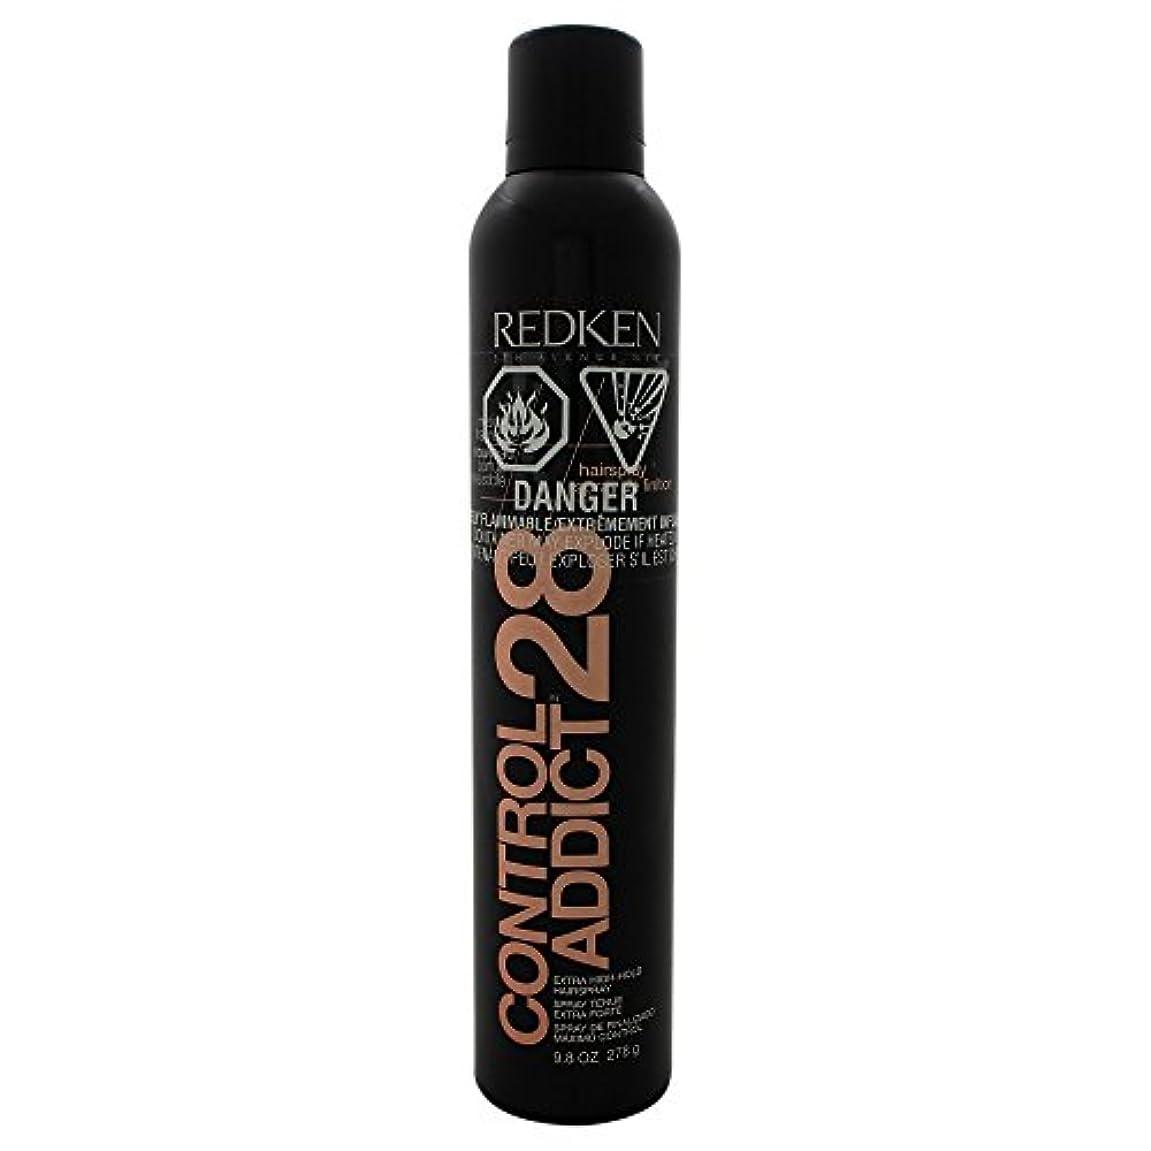 絶対のタブレット飼い慣らすby Redken CONTROL ADDICT 28 EXTRA-HIGH HOLD HAIR SPRAY 9.8 OZ(BLACK PACKAGING) by REDKEN